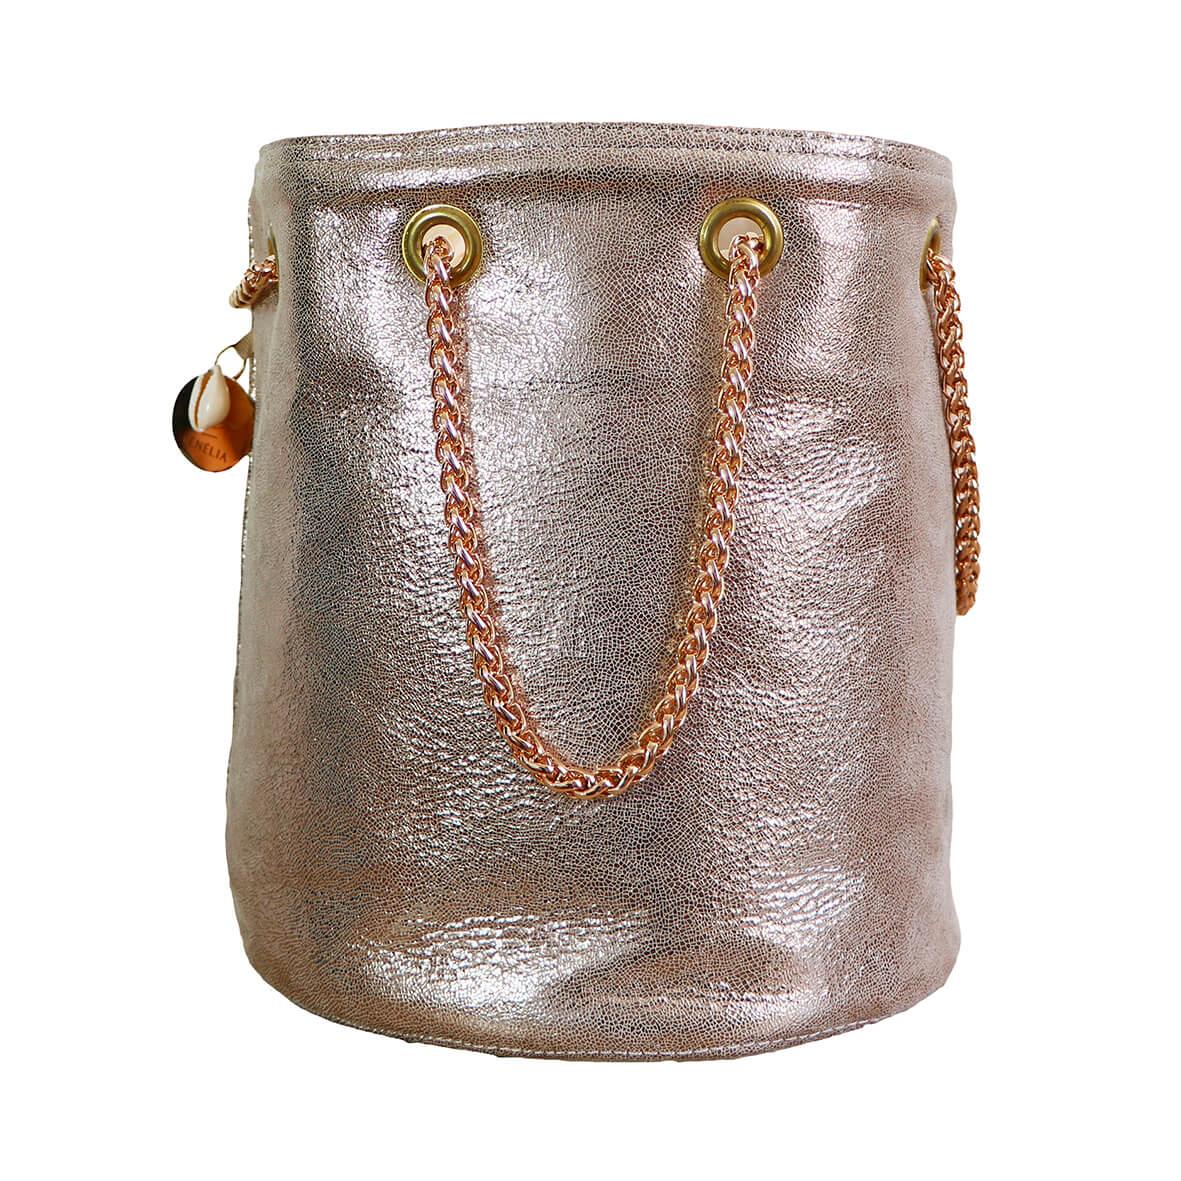 sac seau doré - sac rond mode femme fait en France - Romy - Cénélia